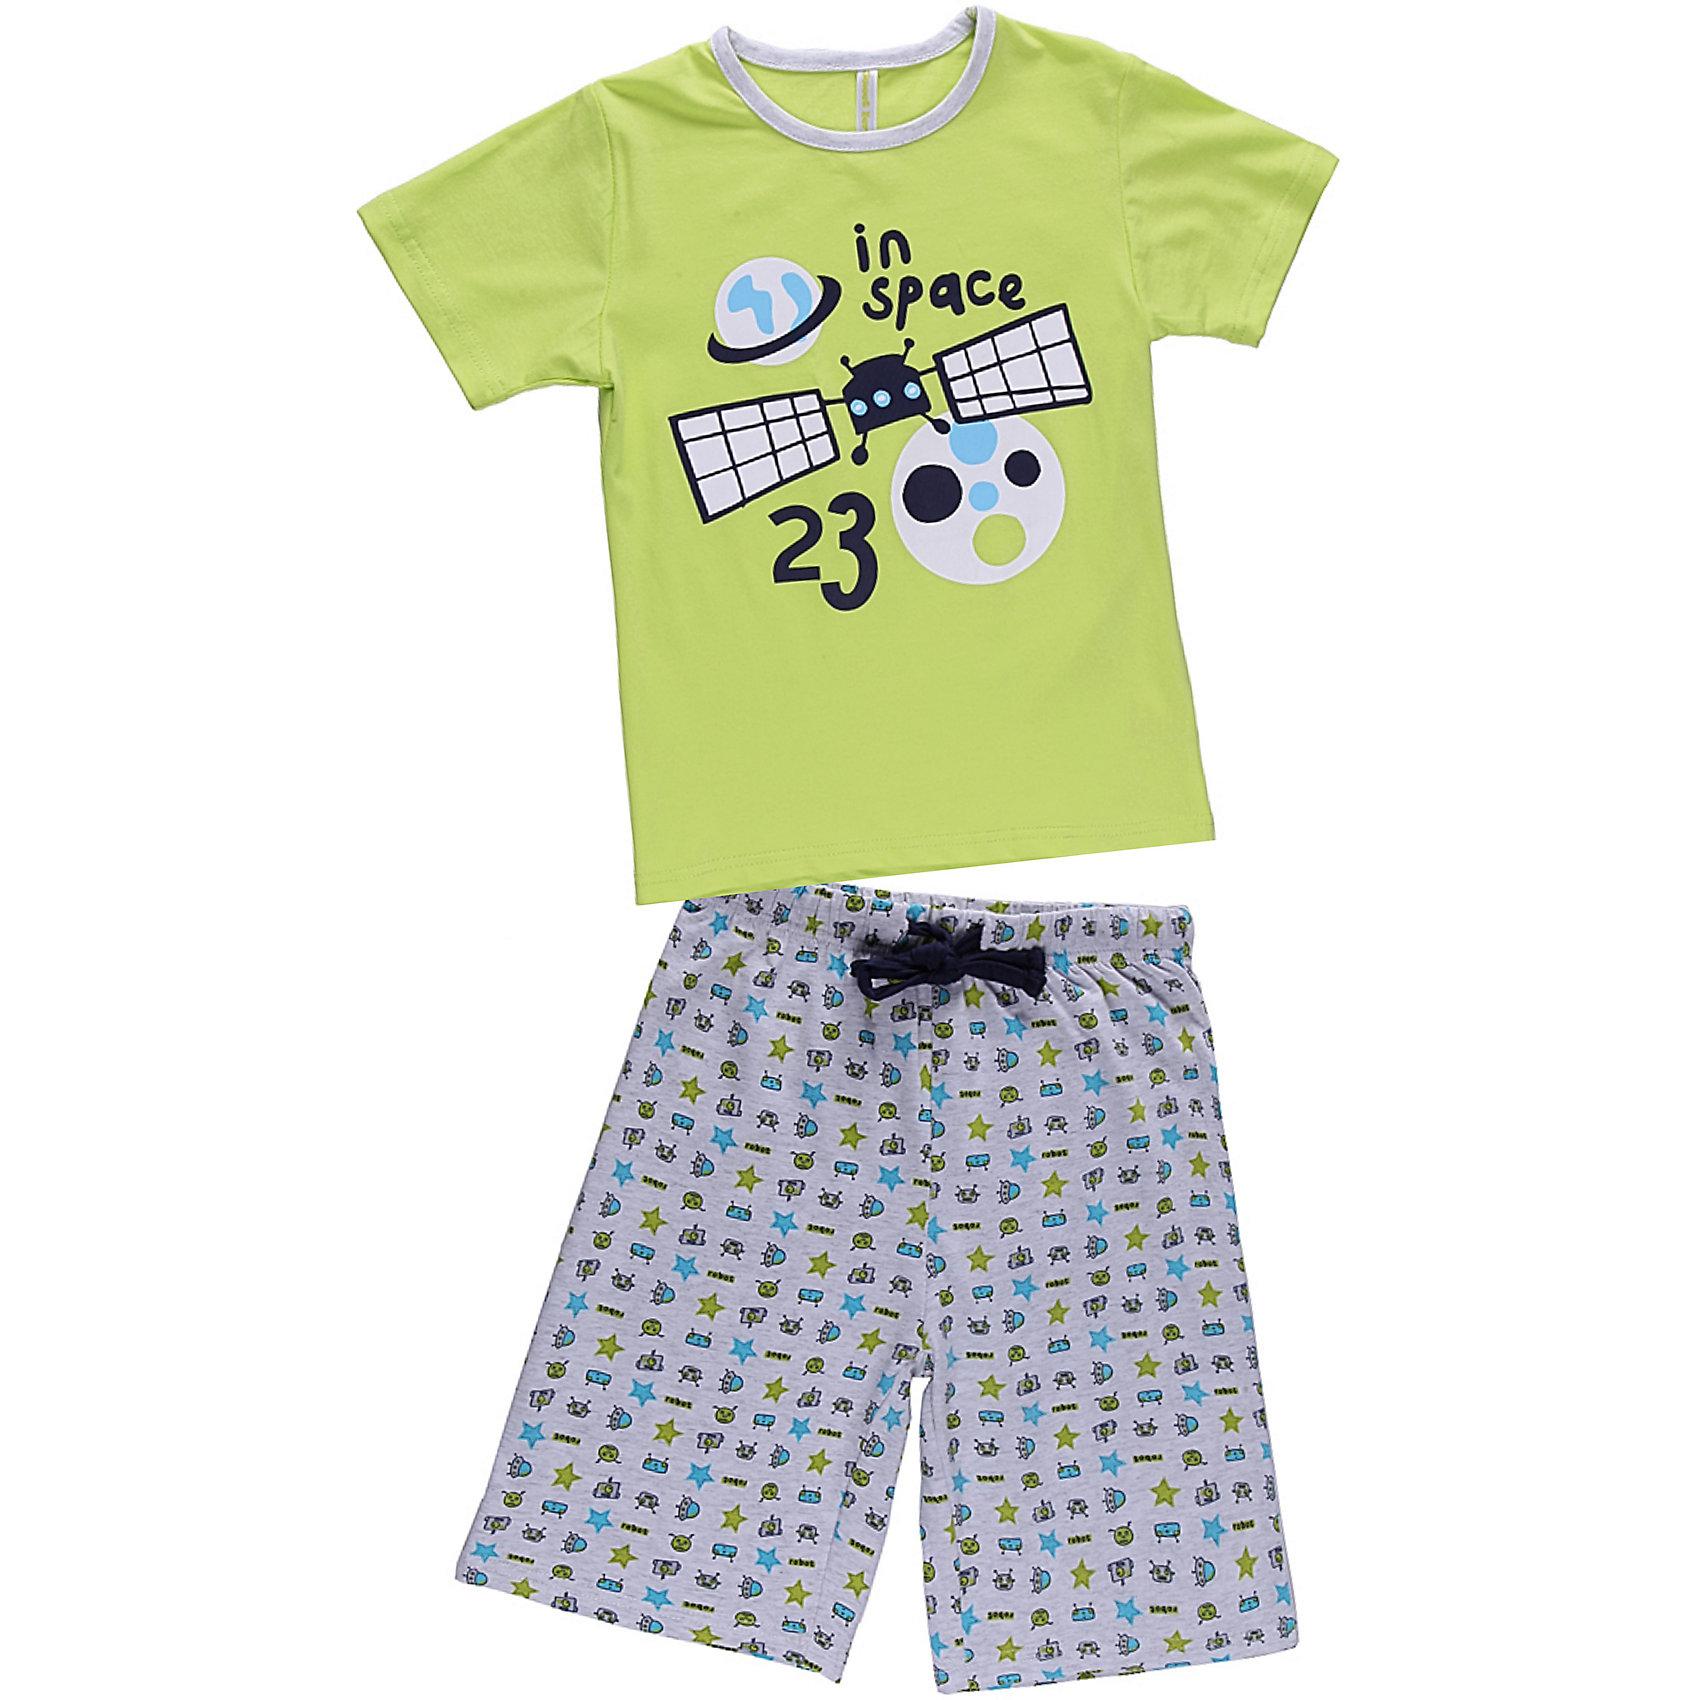 Пижама для мальчика Sweet BerryКомплект футболка и шорты для сна и дома. Шорты на поясе с внутренней резинкой и дополнительным хлопковым шнурком. Футболка украшена веселым принтом. Состав: 95% хлопок 5% эластан<br><br>Ширина мм: 281<br>Глубина мм: 70<br>Высота мм: 188<br>Вес г: 295<br>Цвет: зеленый<br>Возраст от месяцев: 24<br>Возраст до месяцев: 36<br>Пол: Мужской<br>Возраст: Детский<br>Размер: 98,104,140,122,116,110,128,134<br>SKU: 4632993